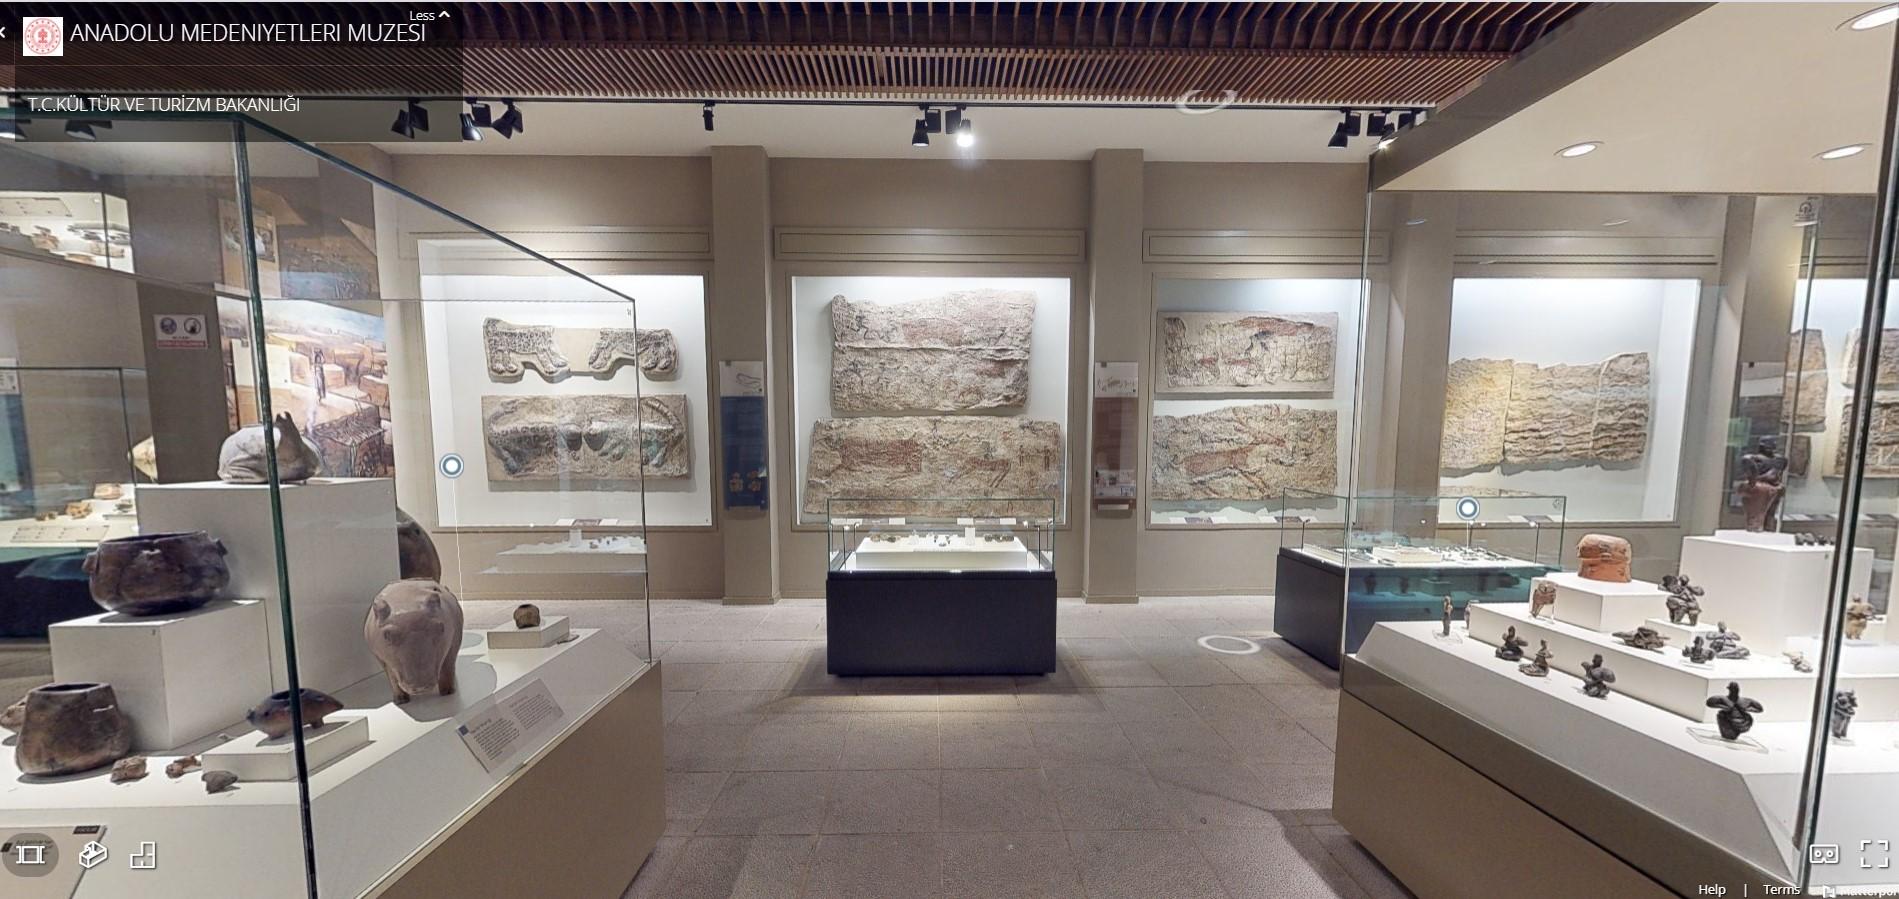 Anatolian Civilizations Museum (3)